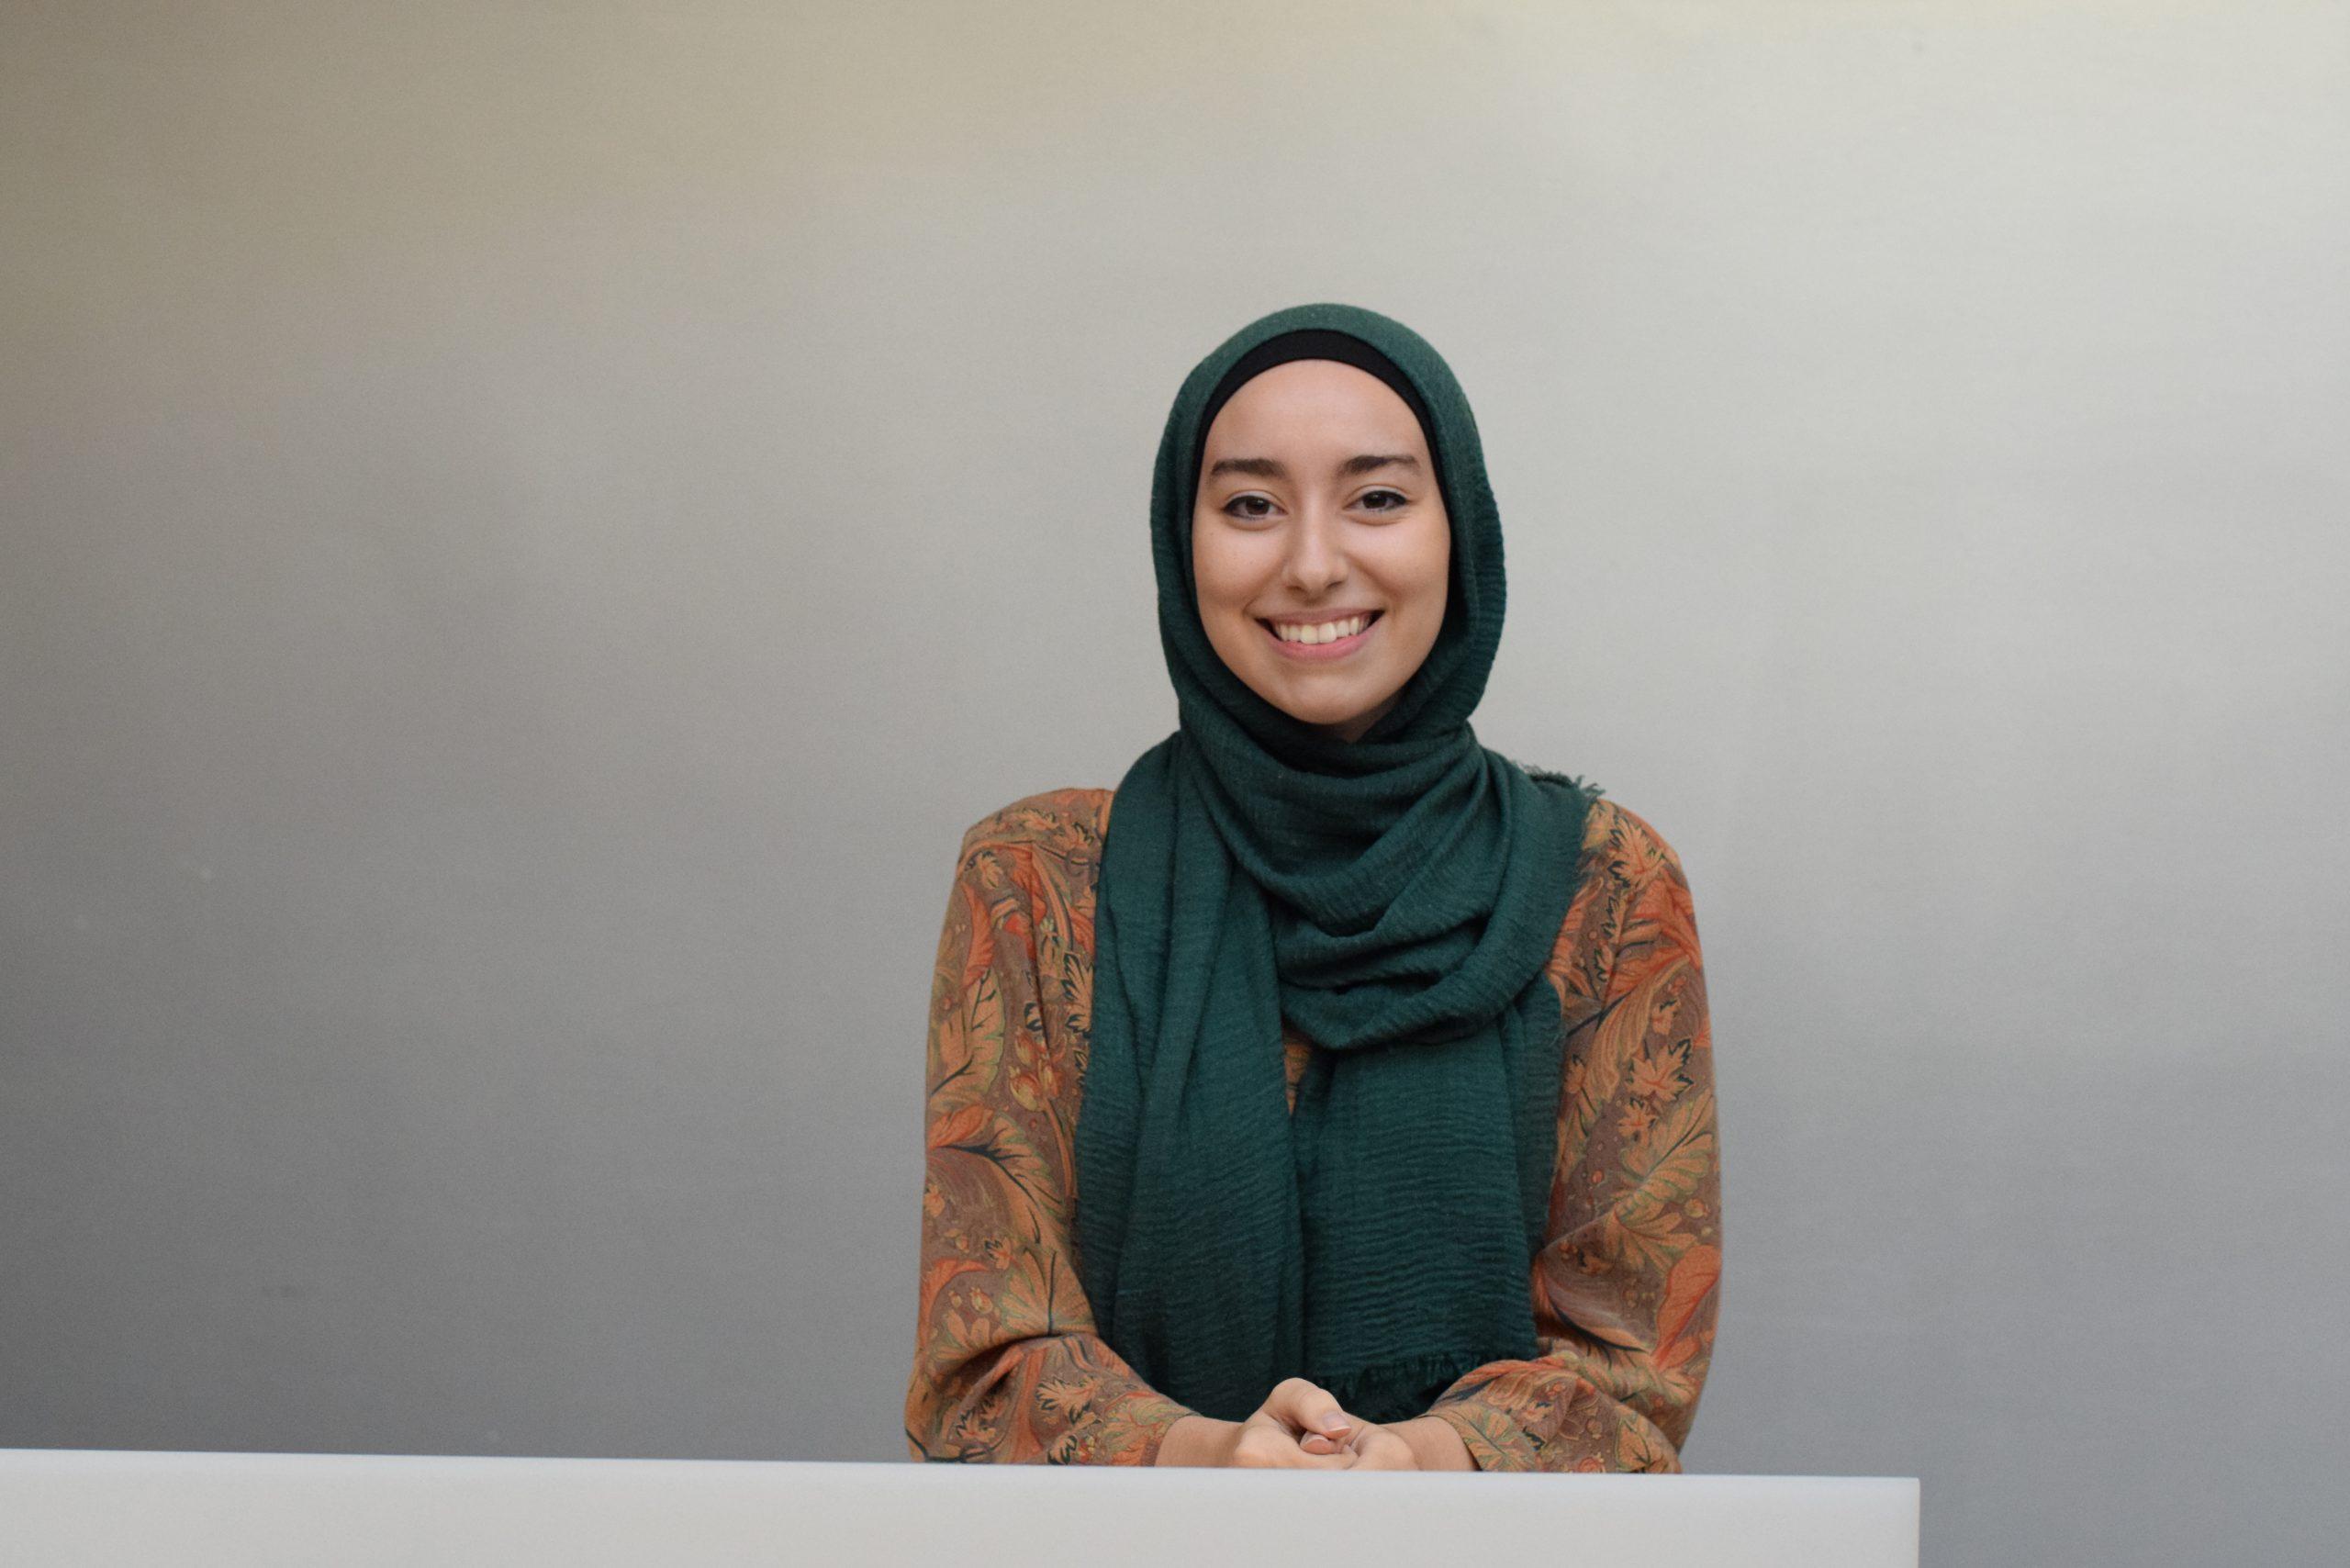 Yasmine Arfaoui